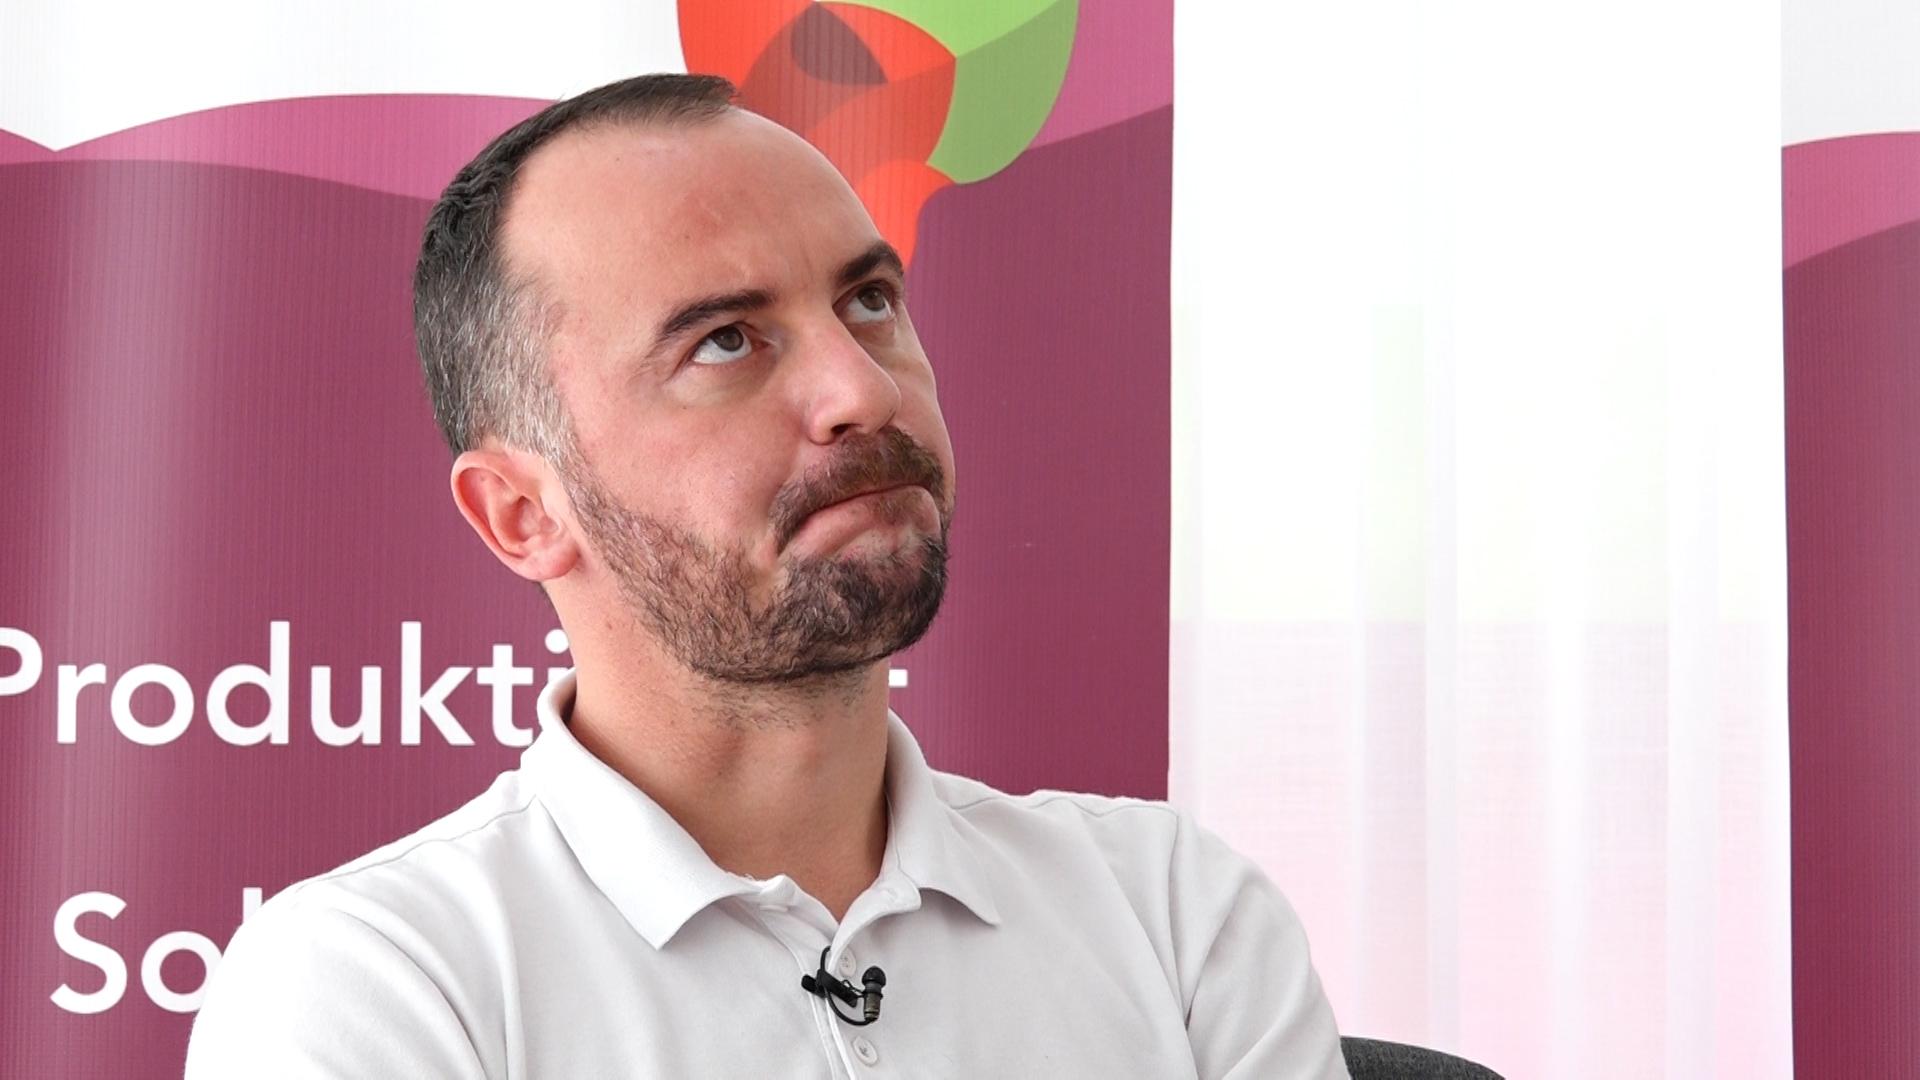 Molliqaj: Veseli lavdëroi qëndrimin e PSD-së, na tha se keni defaktorizuar Listën Serbe